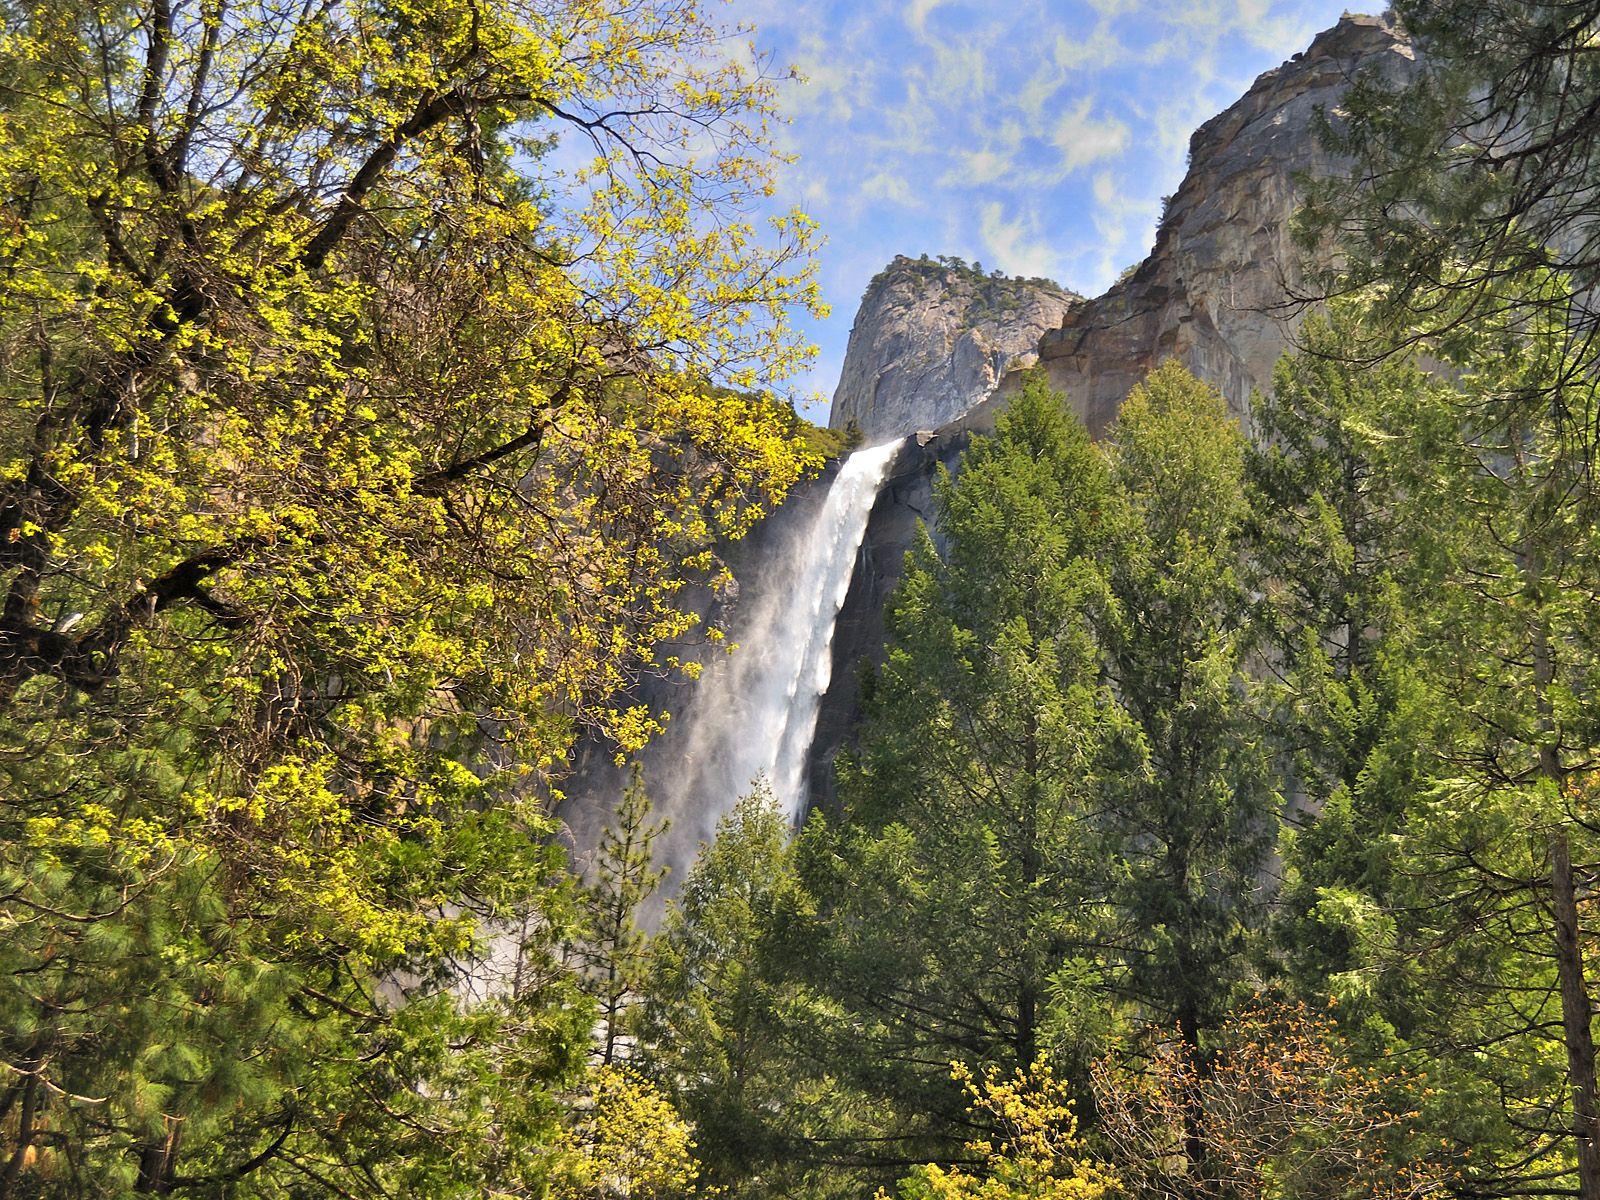 Пейзаж водопада Брайдлвейл